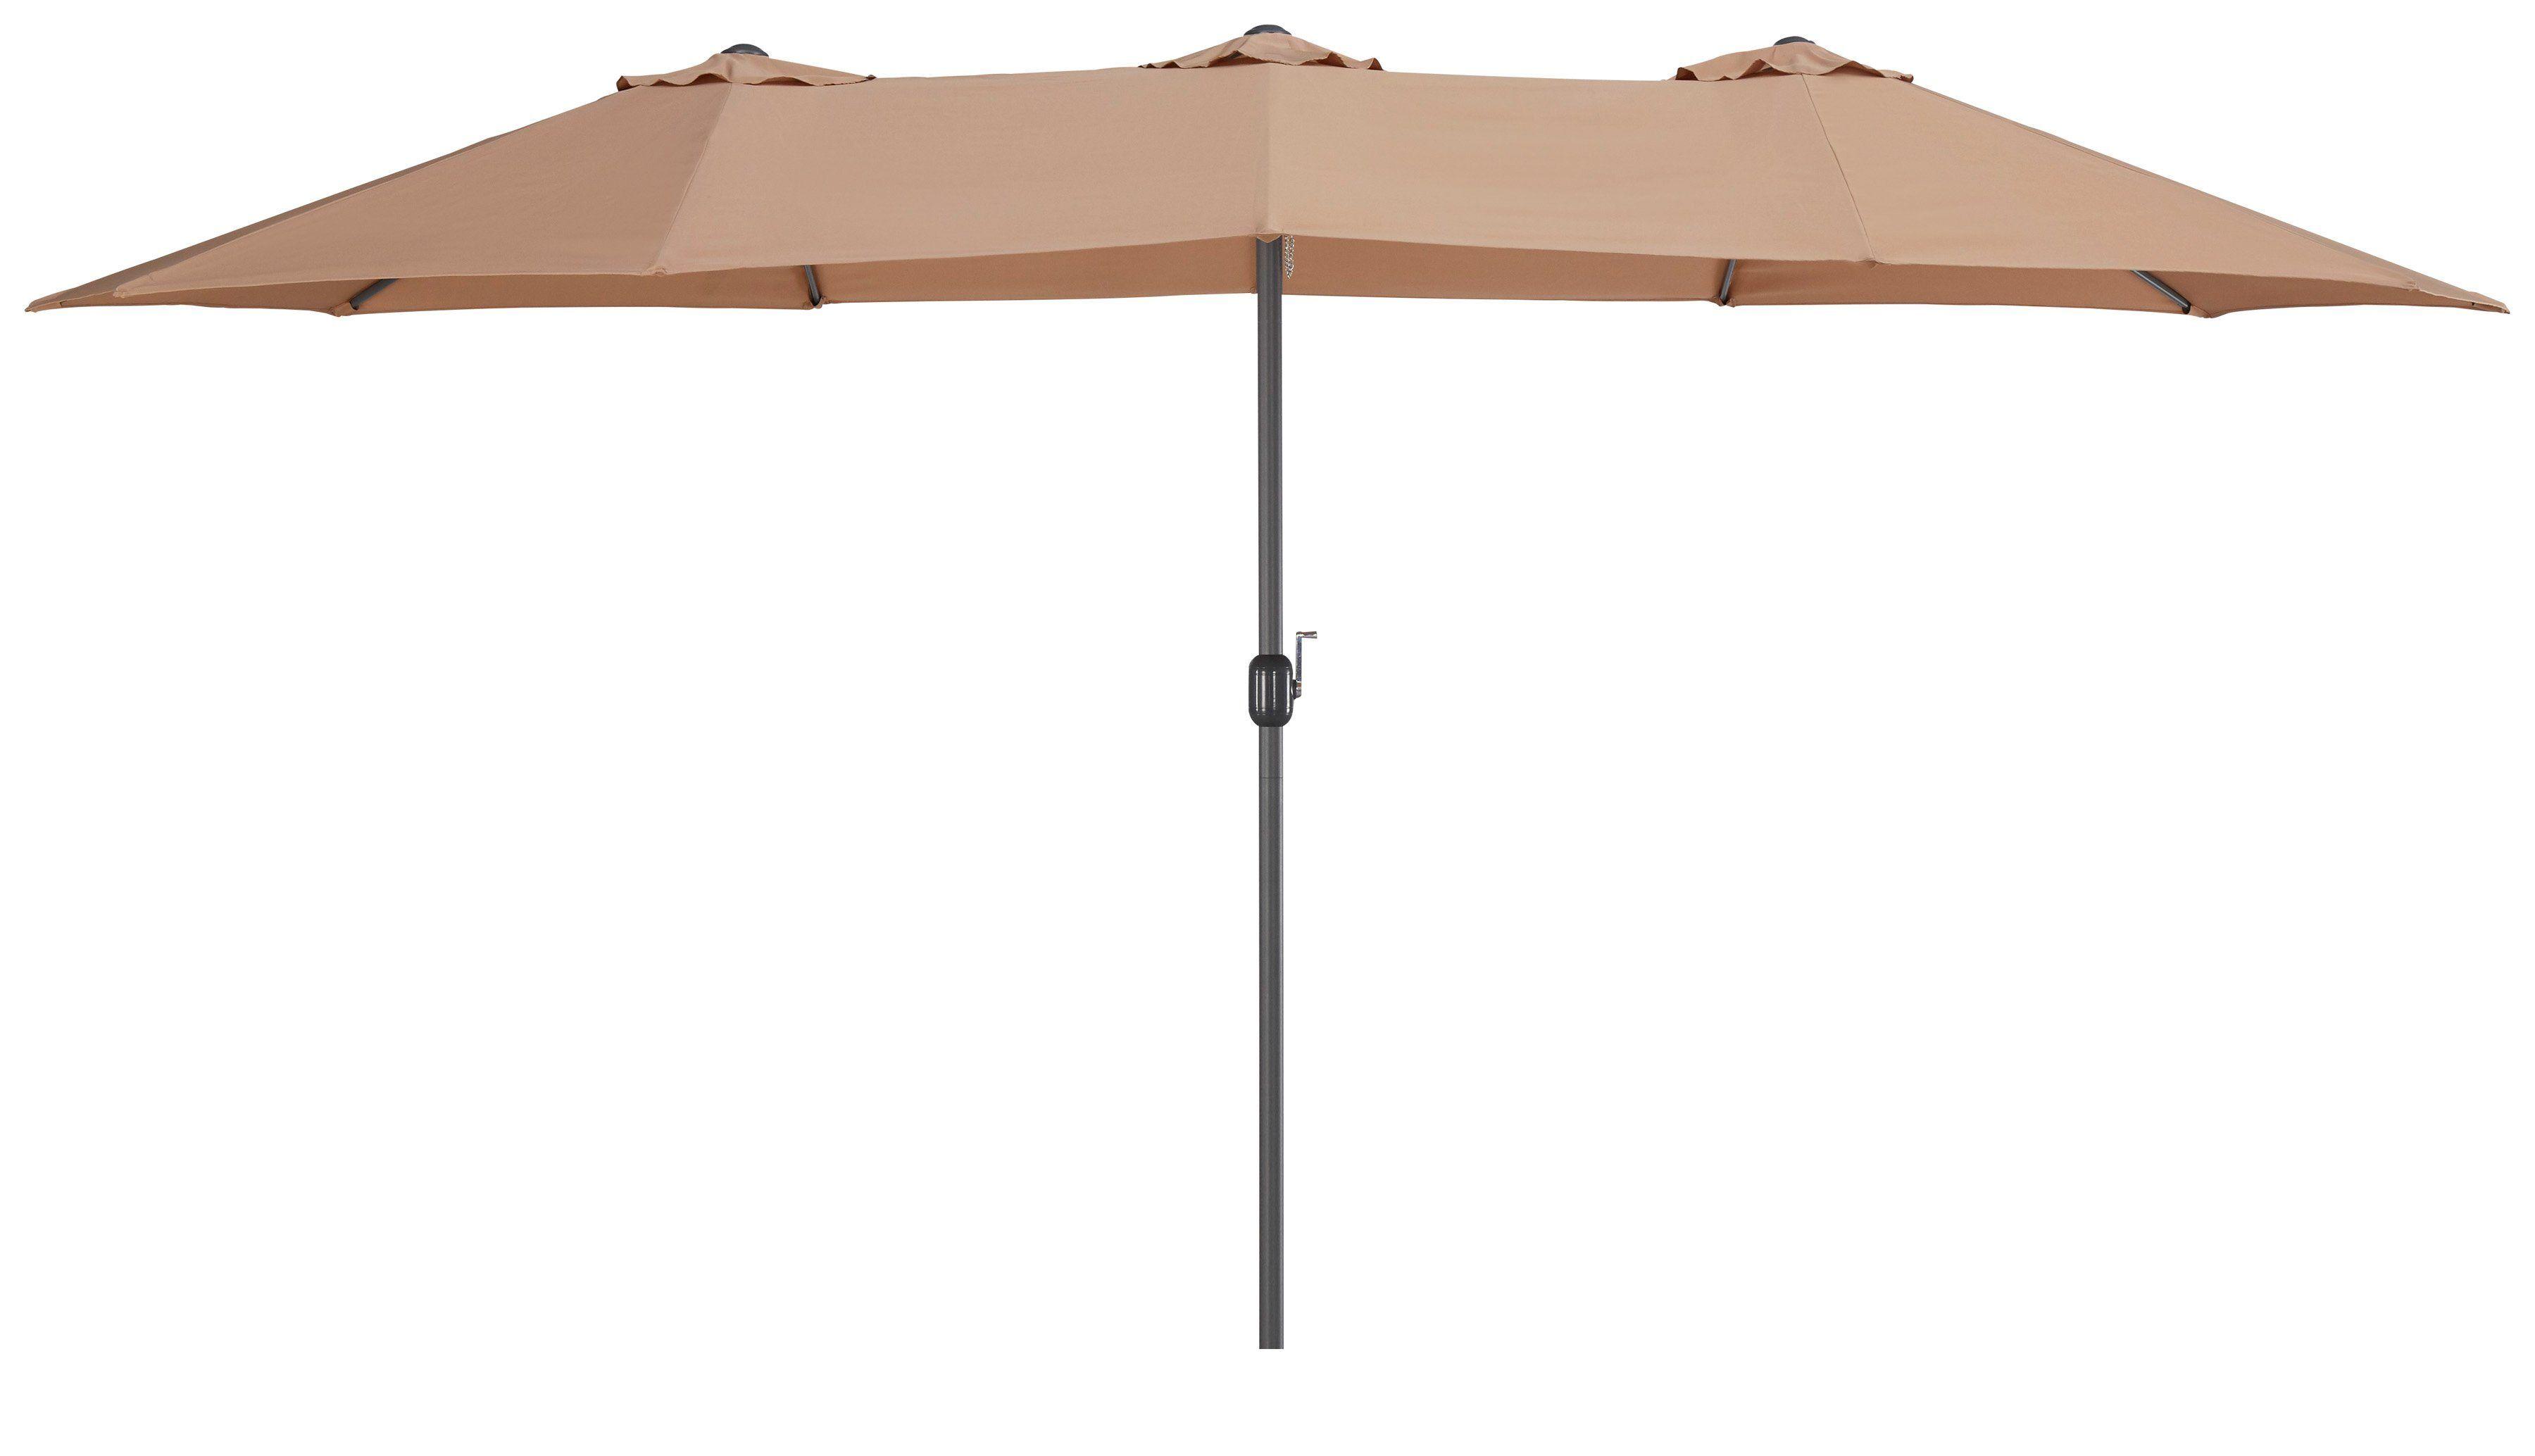 garten gut Sonnenschirm »Fuerteventura«, H: 240 cm, Inkl. Schutzhülle, Ohne Schirmständer, beige